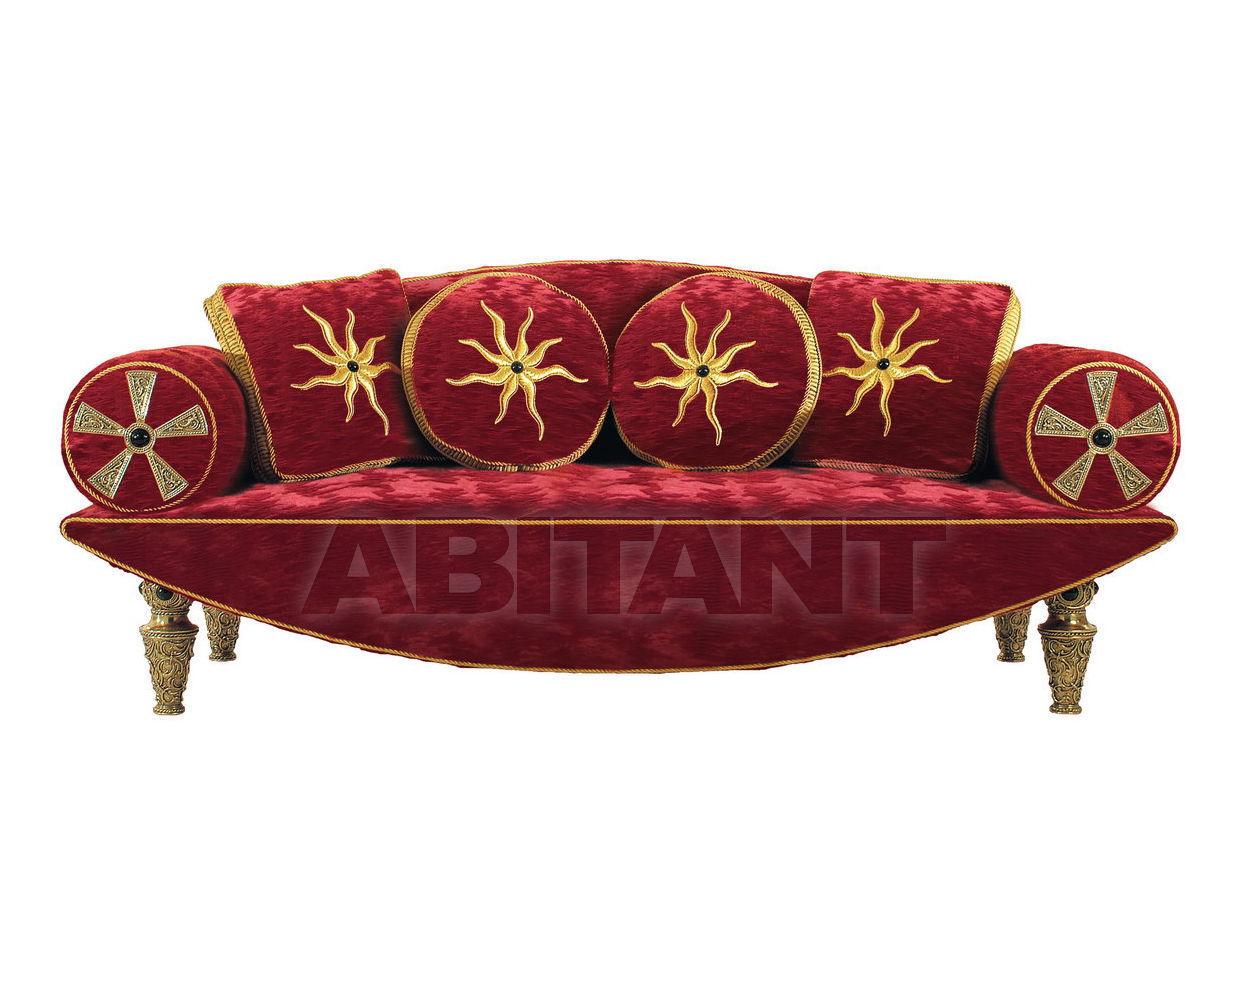 Купить Диван Colombostile s.p.a. Transculture/rouge Et Or 1792 DV3AK